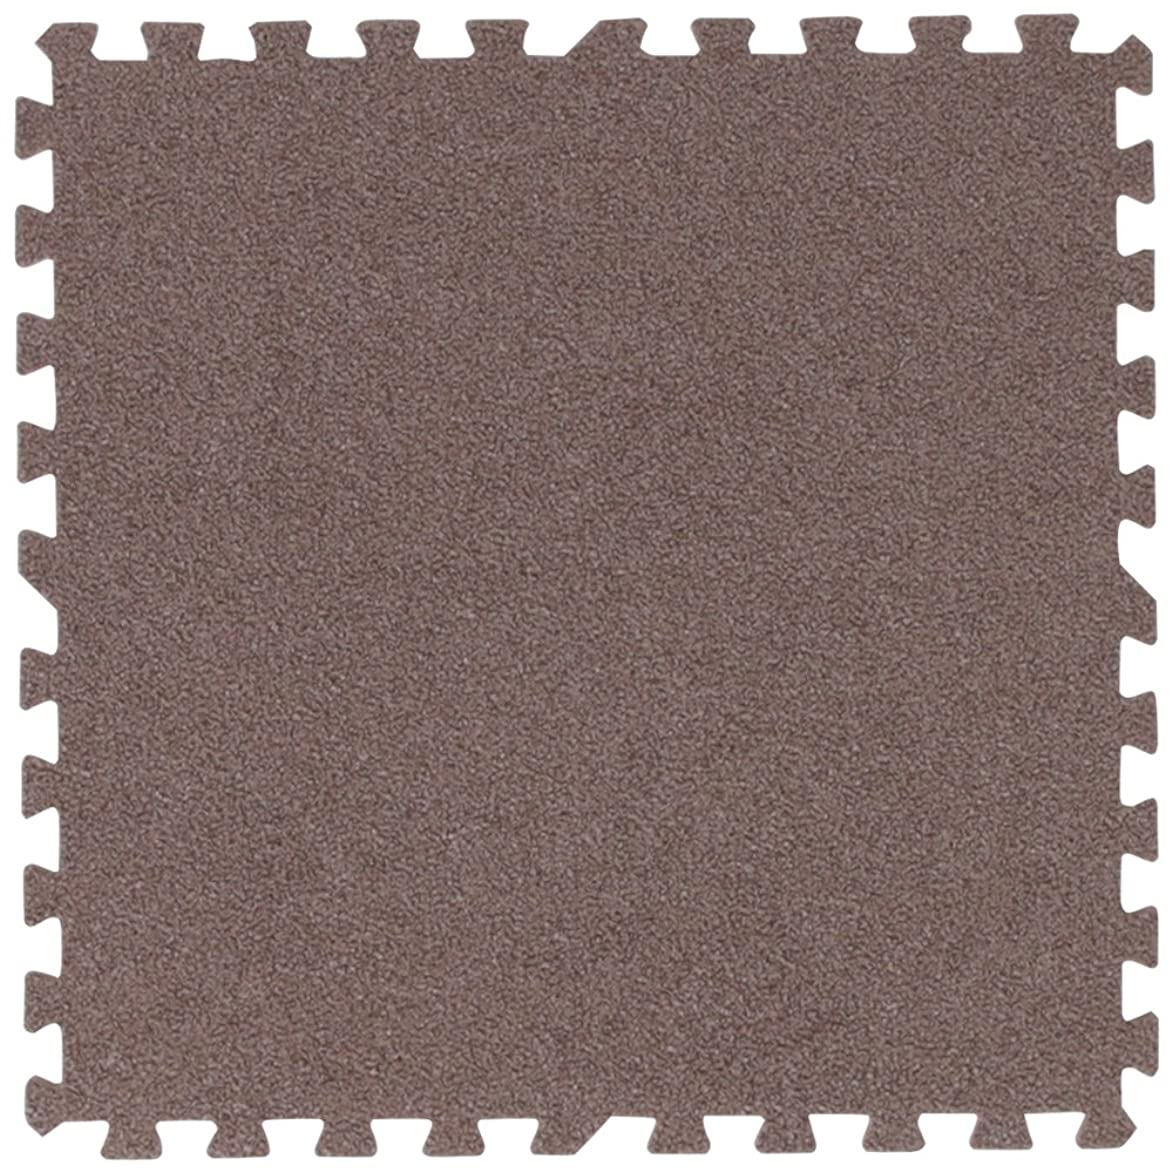 キャプション空虚君主アイリスプラザ  ジョイントマット カーペットタイプ  30×30cm 0.5畳用 9枚組 厚さ0.8cm ブラウン ノンホルムアルデヒド 防音 洗える JM-H3008NP